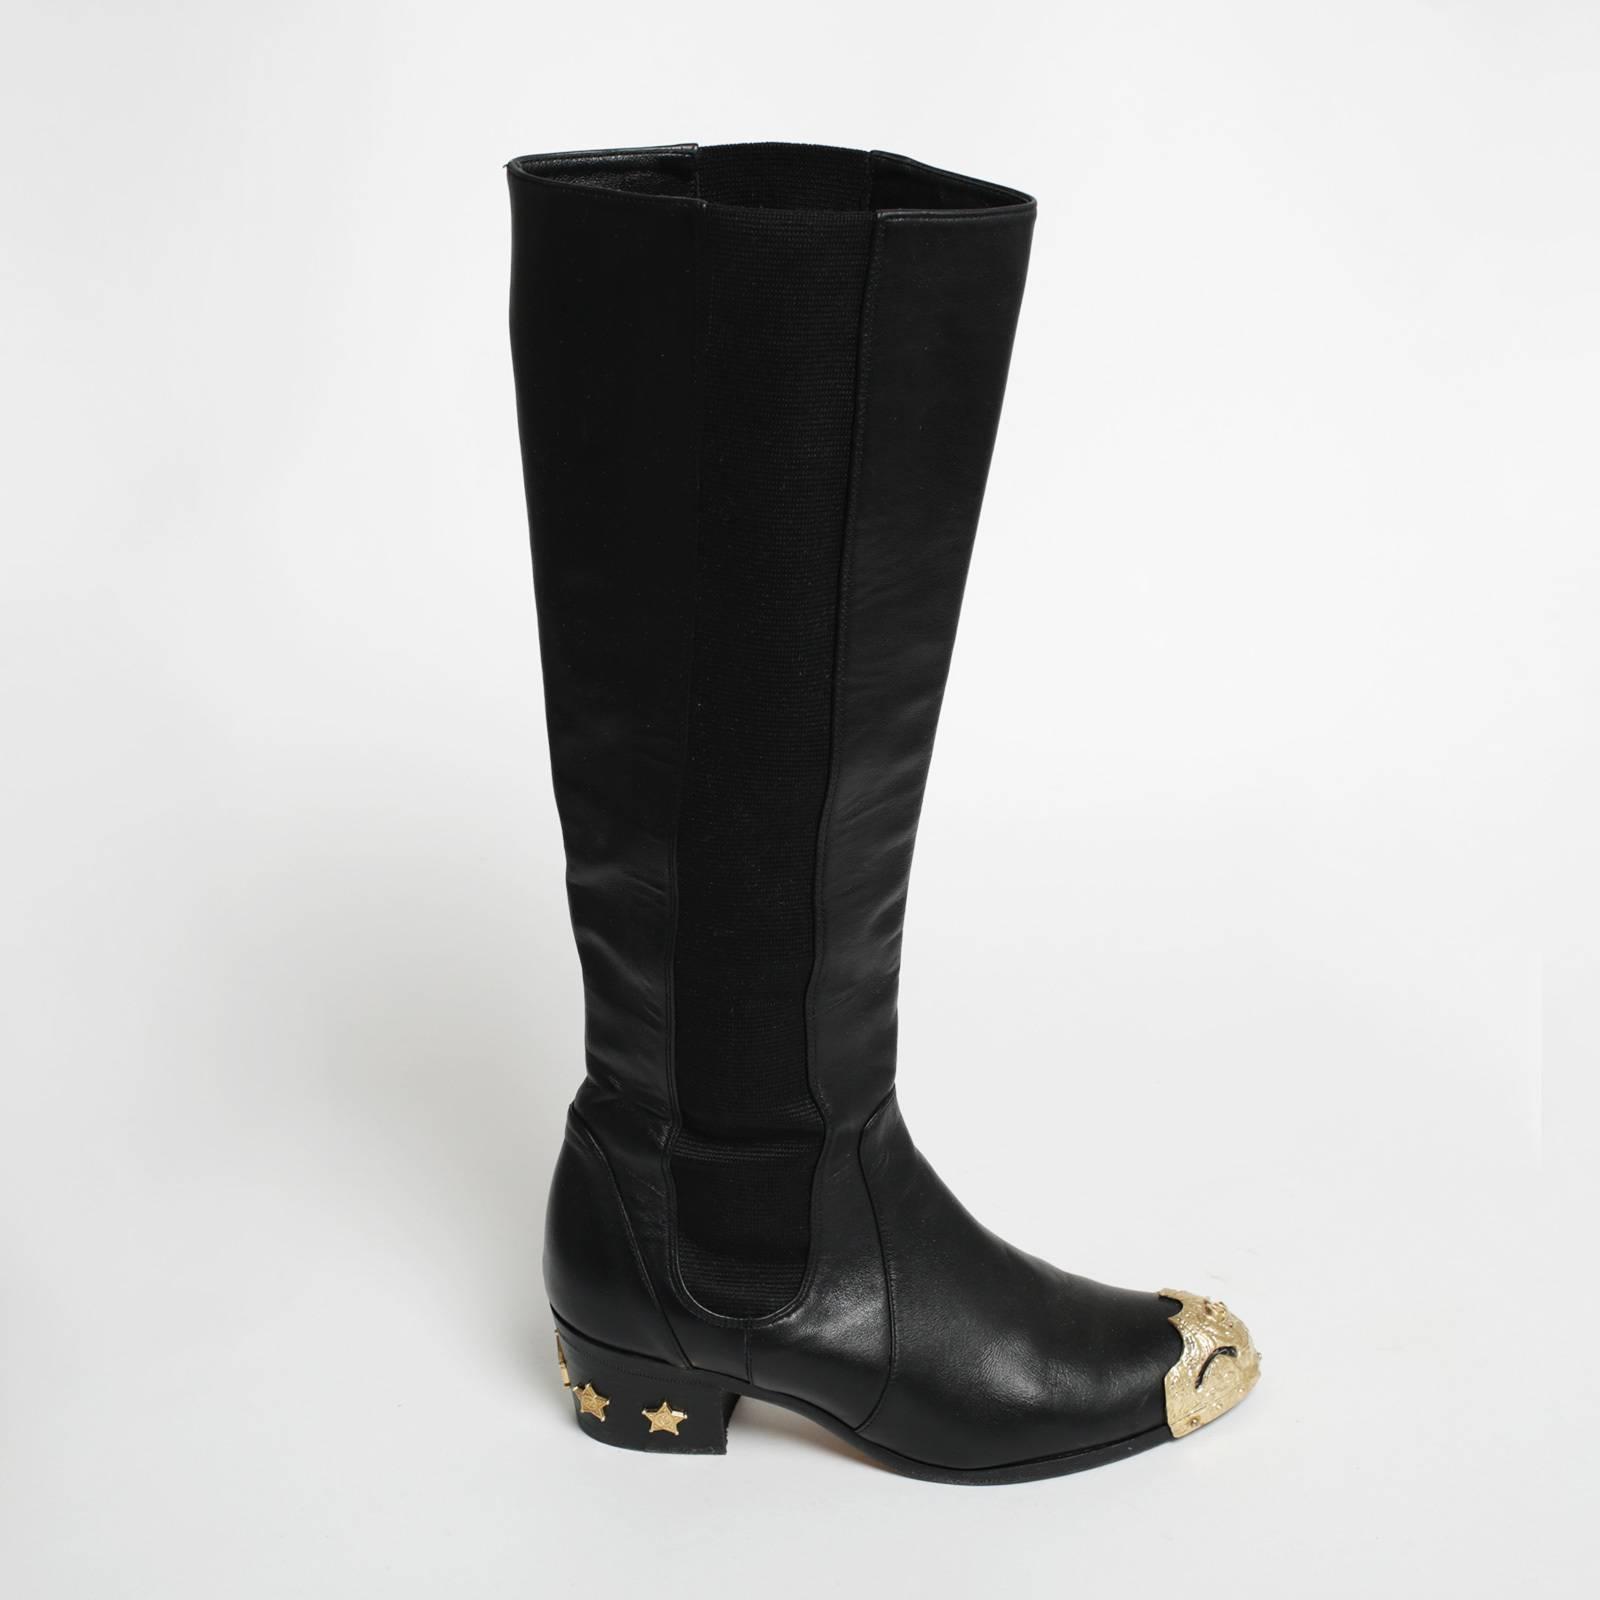 Купить сапоги Chanel в Москве с доставкой по цене 18300 рублей ... 761585496fb